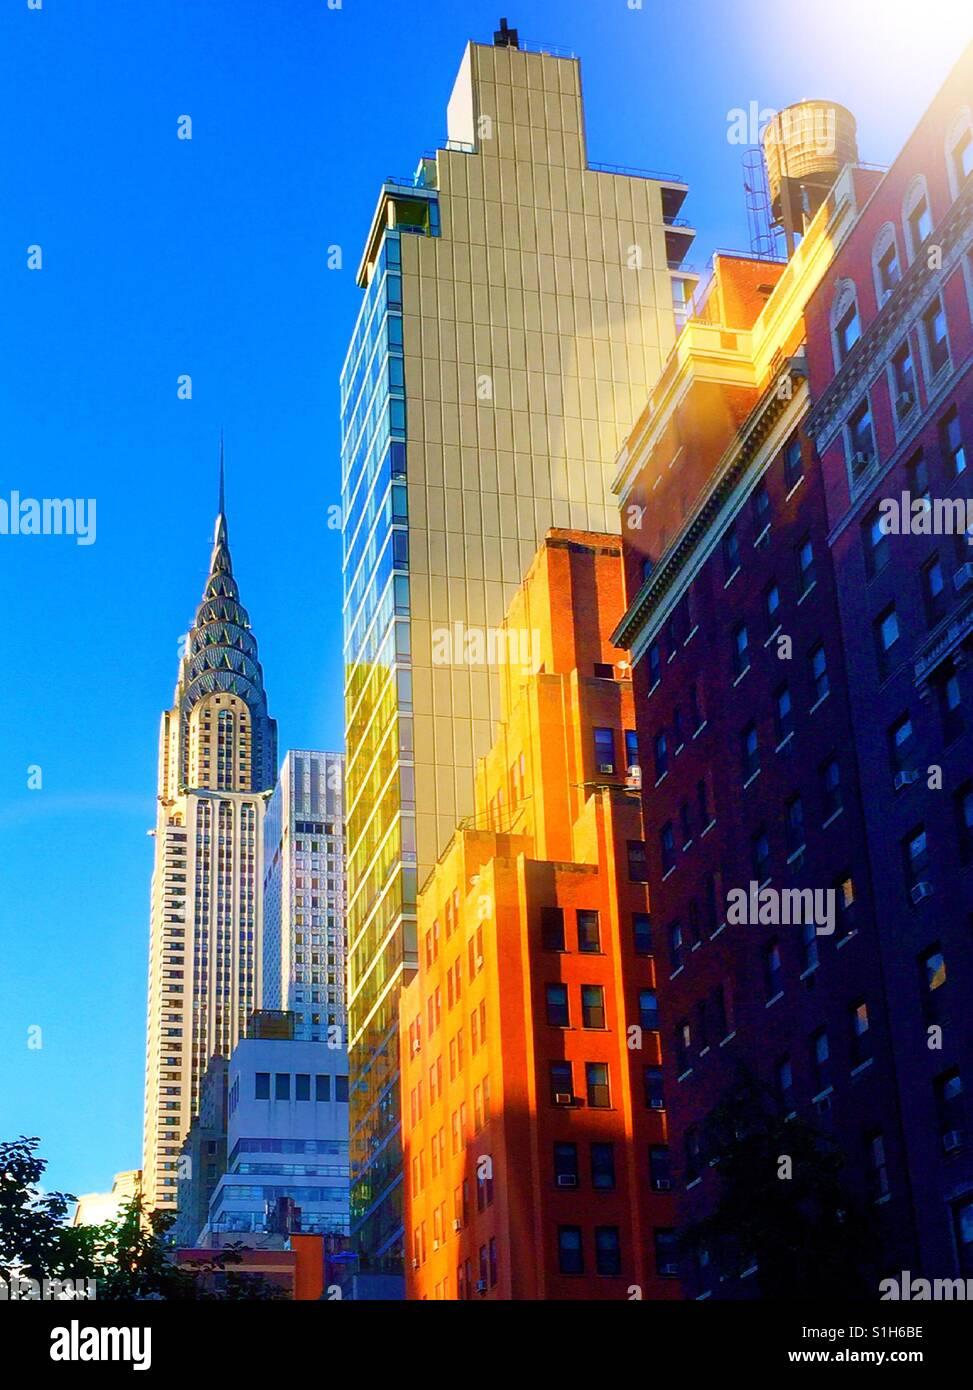 Vista del edificio Chrysler mirando al norte en Lexington Ave., Manhattan, Ciudad de Nueva York, EE.UU.. Imagen De Stock